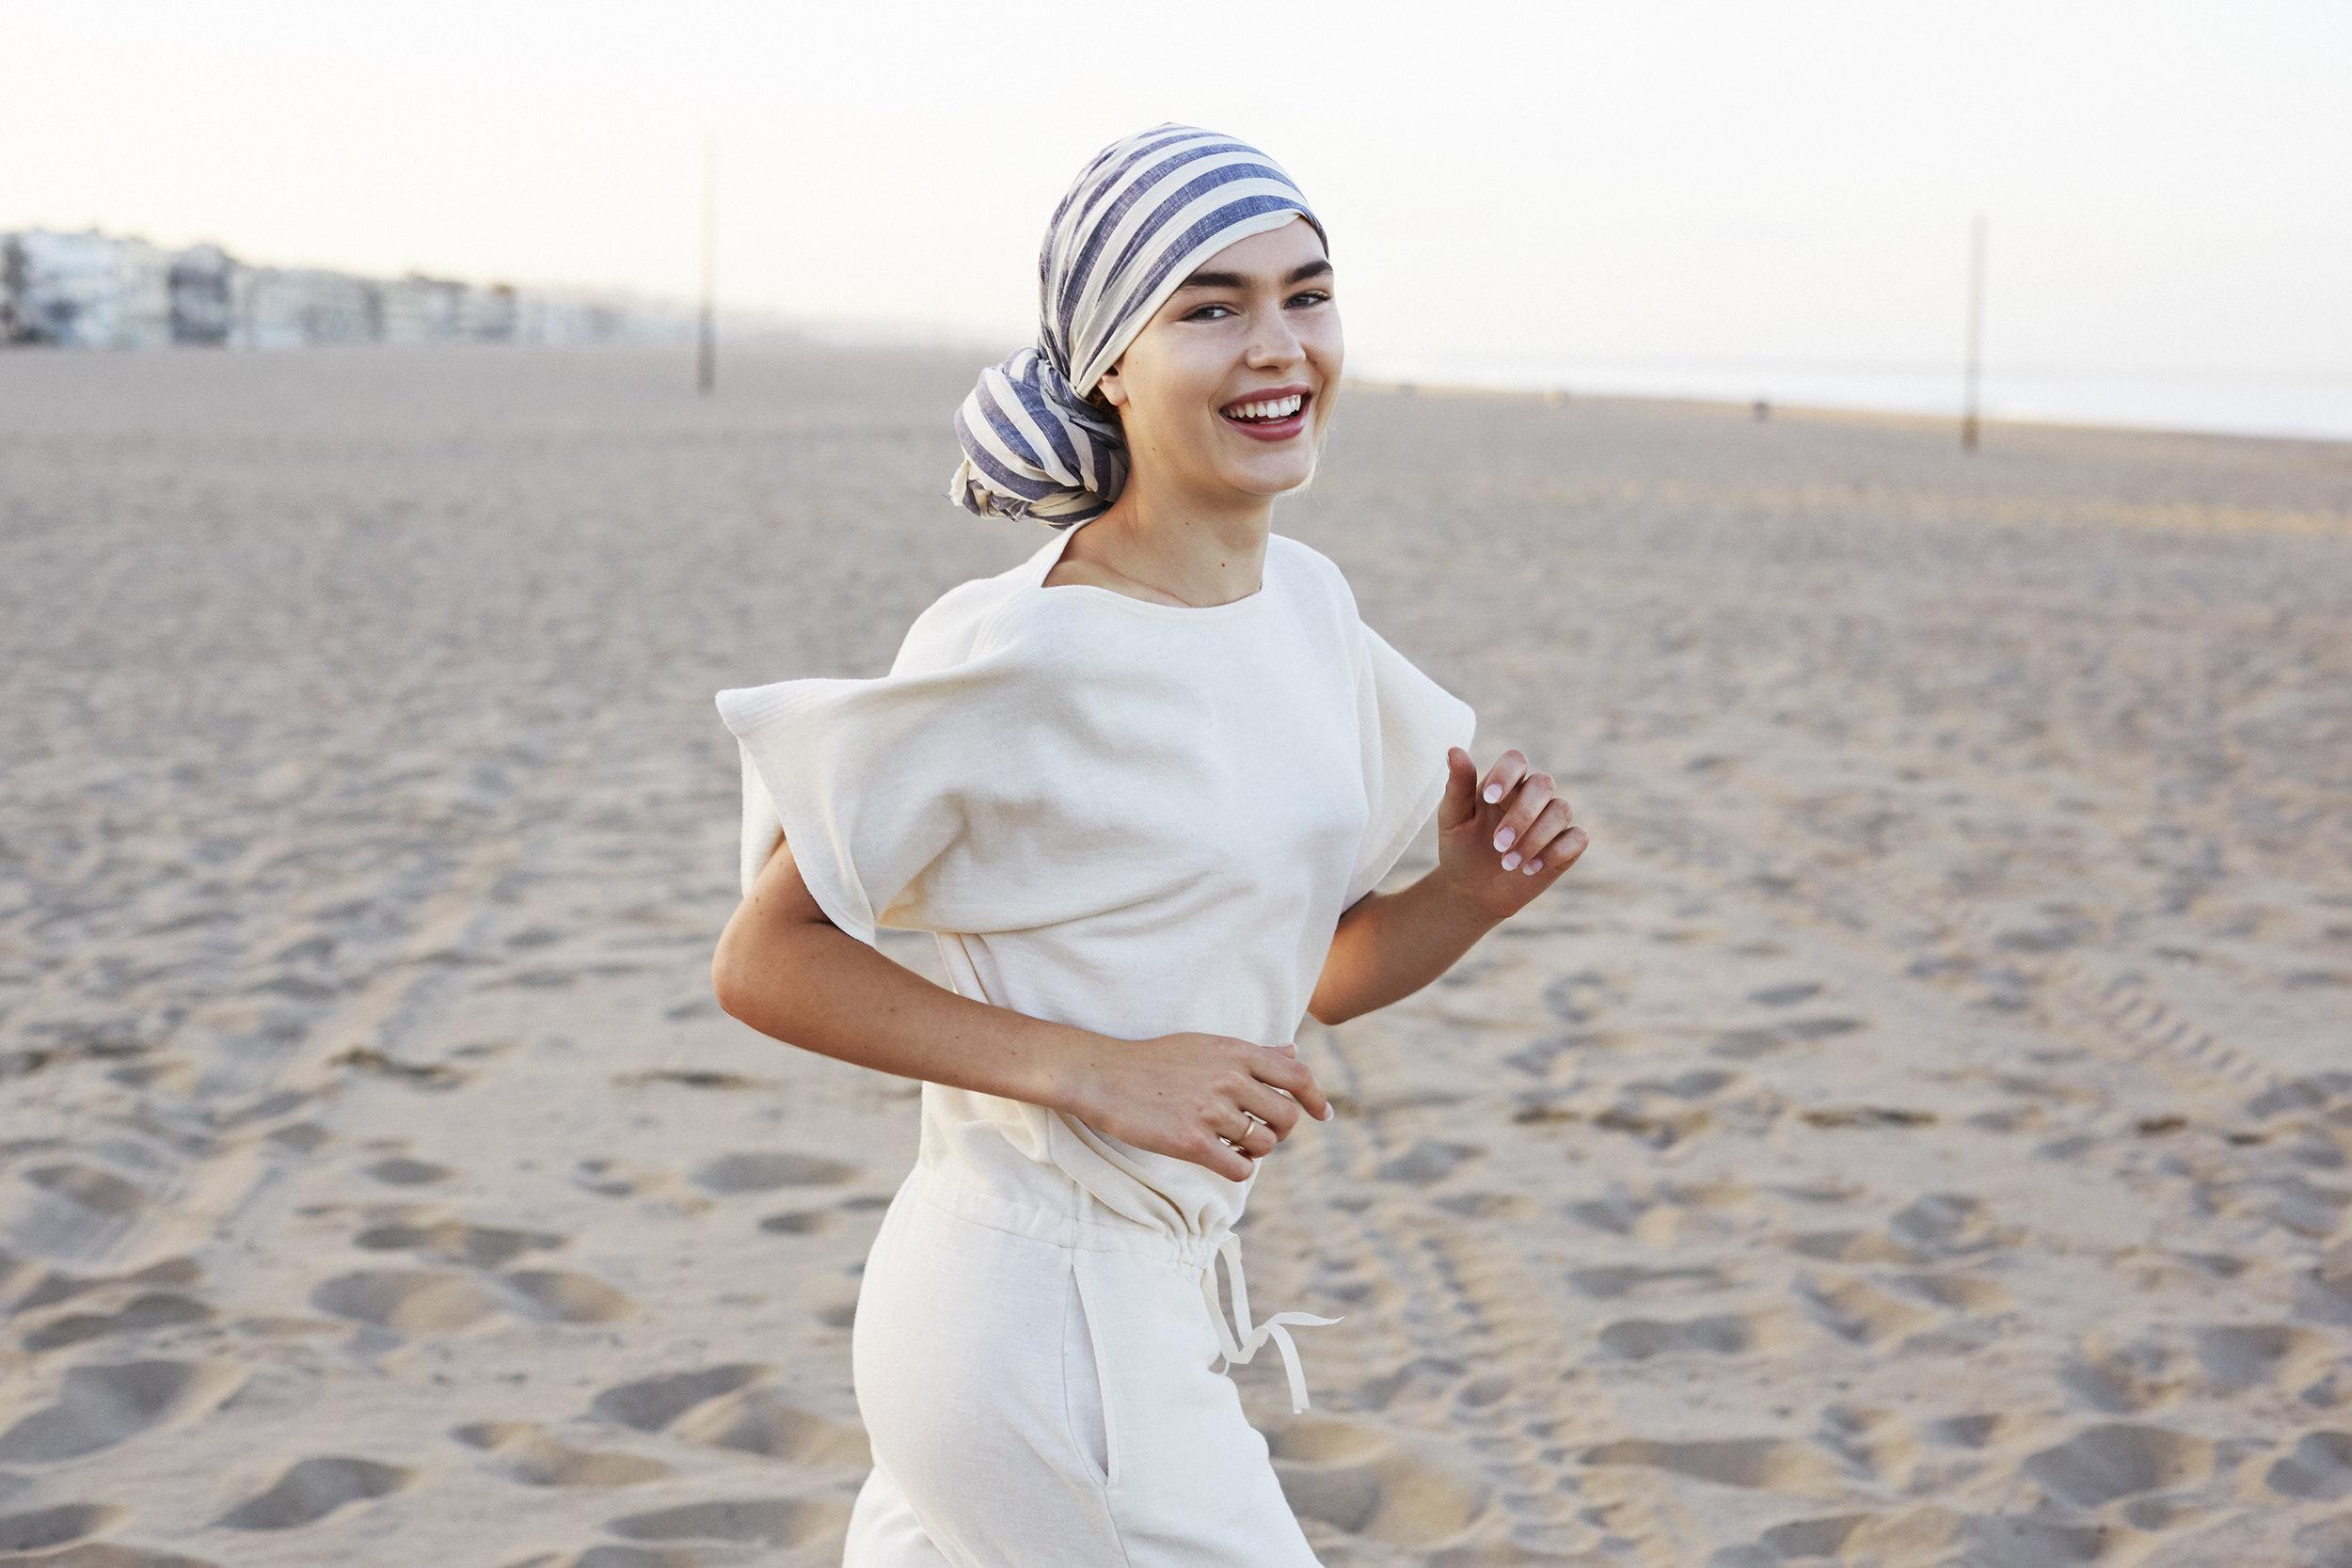 patrick_fraser_next_models_calder_blake_teen_girl_model_beach_lookbook.jpg